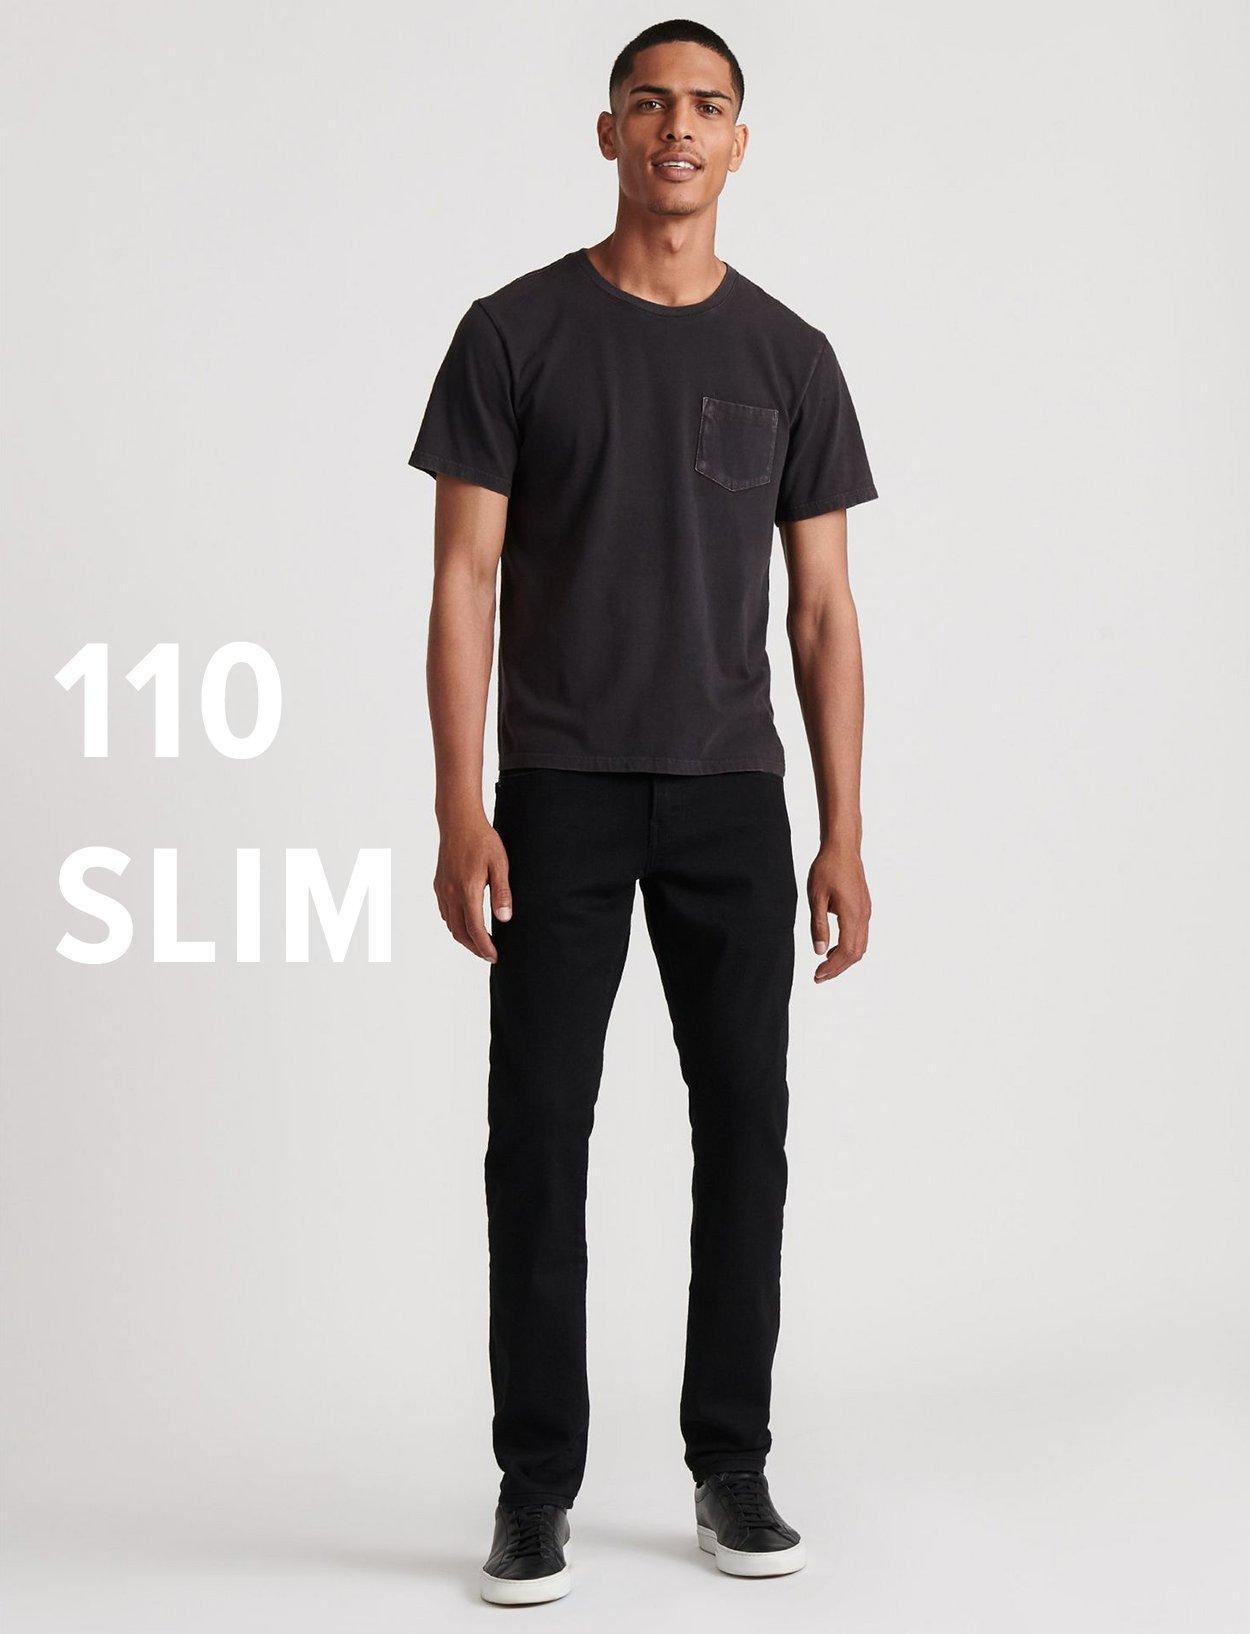 110 slim